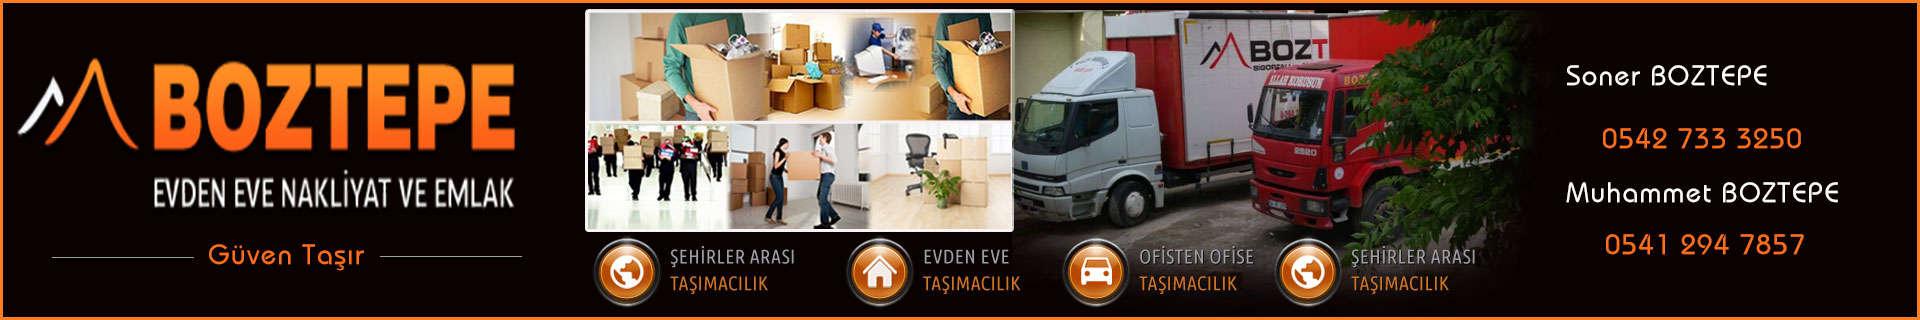 boztepe_evden_eve_tasima_anasayfa_banner